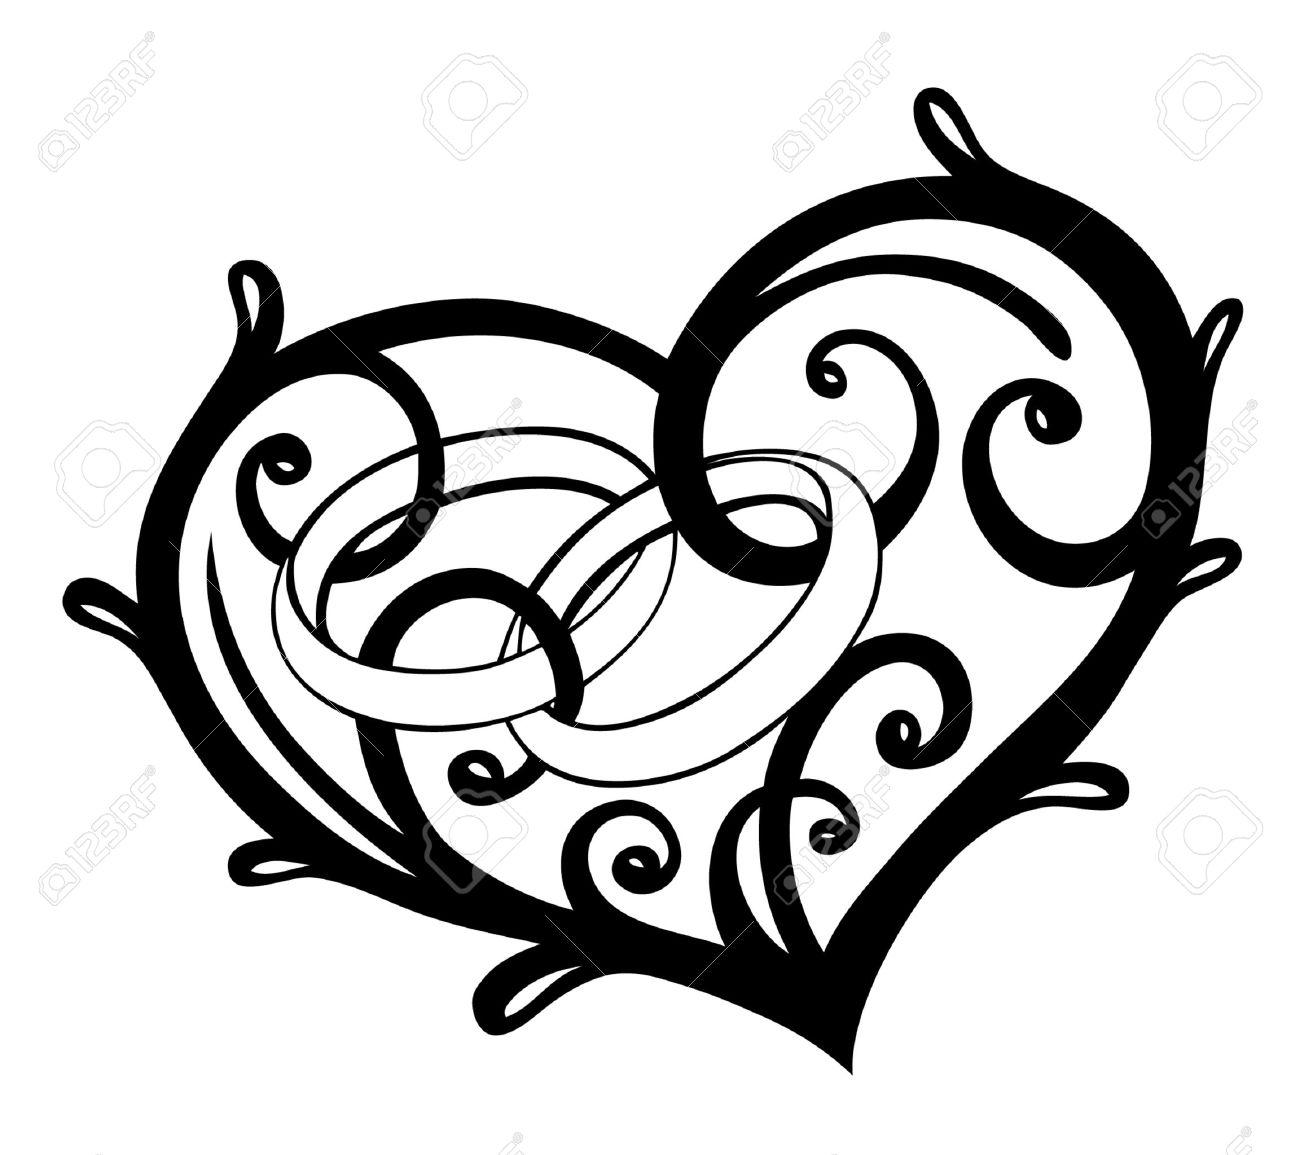 Eheringe clipart schwarz weiß  Ringe Herz Lizenzfreie Vektorgrafiken Kaufen: 123RF